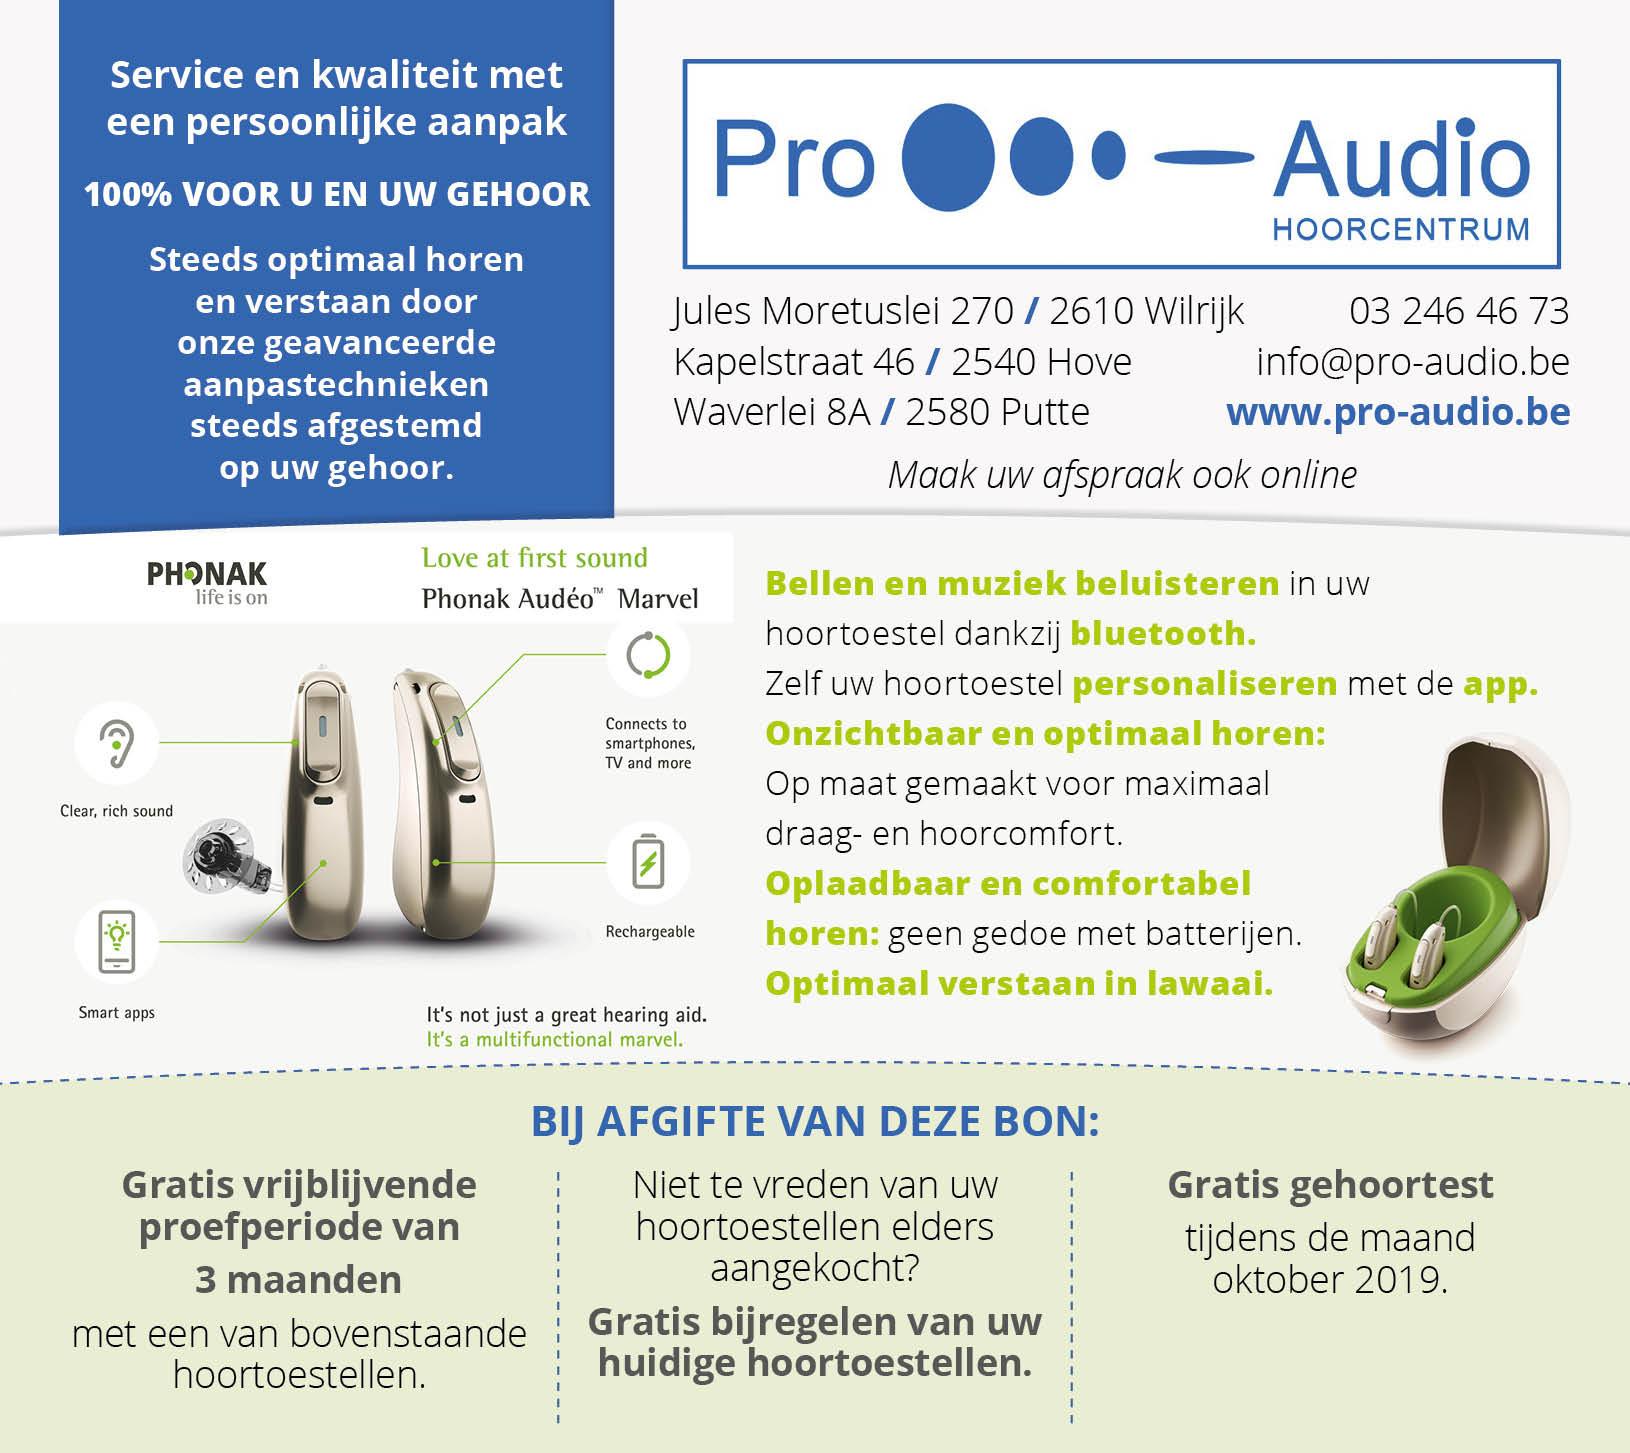 pro_audio_wilrijk_sept_2019.jpg